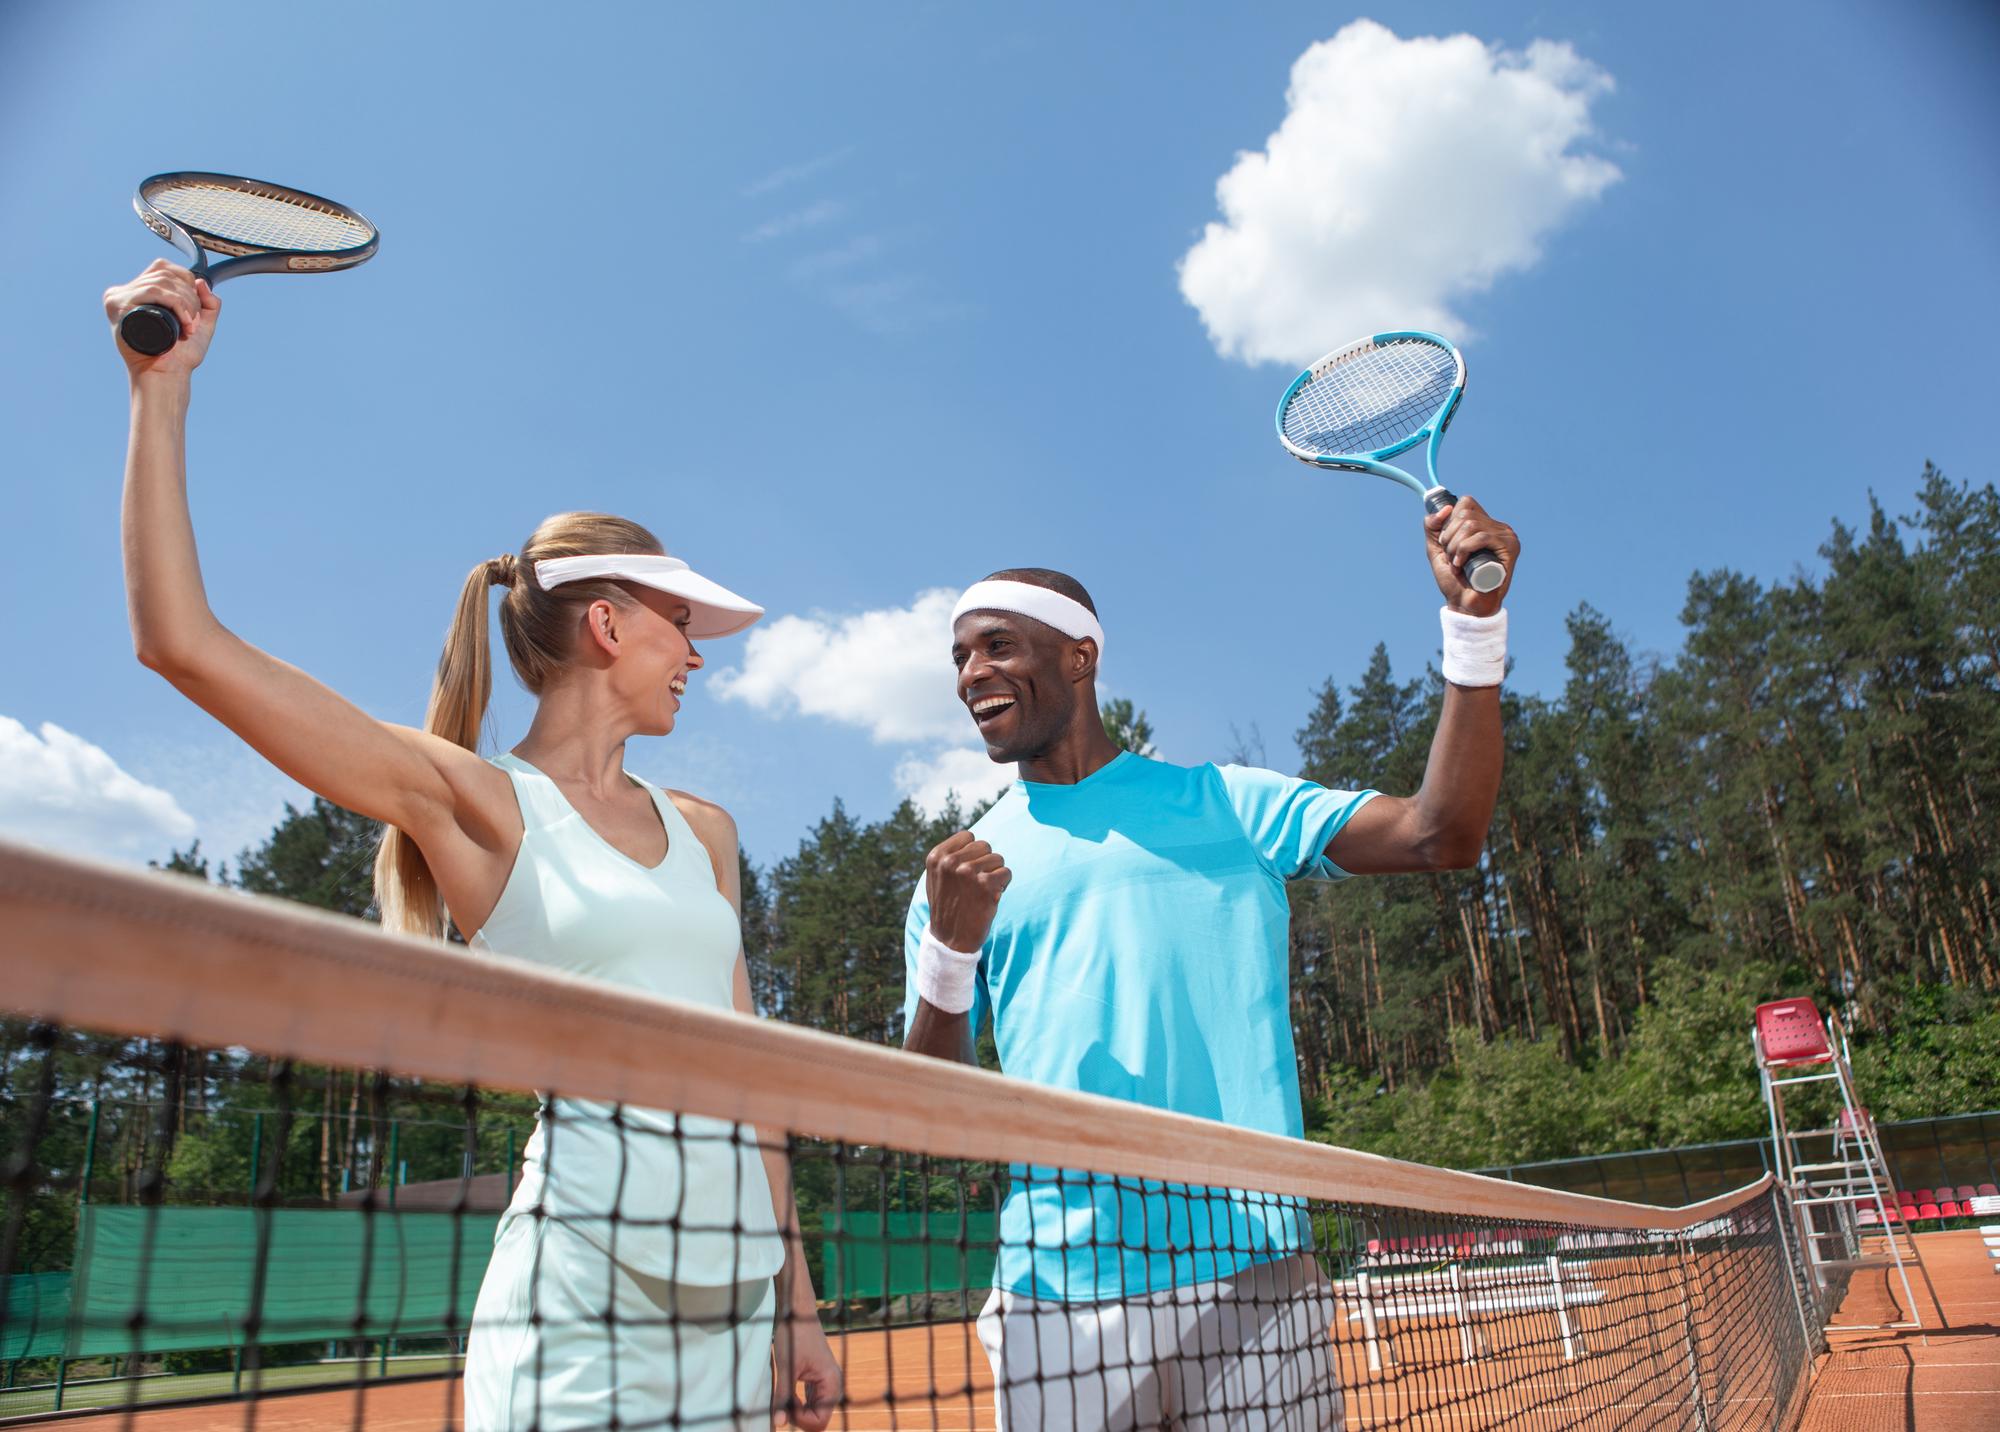 国際的スポーツ!テニスを海外で楽しむための英会話フレーズ|英語 ...